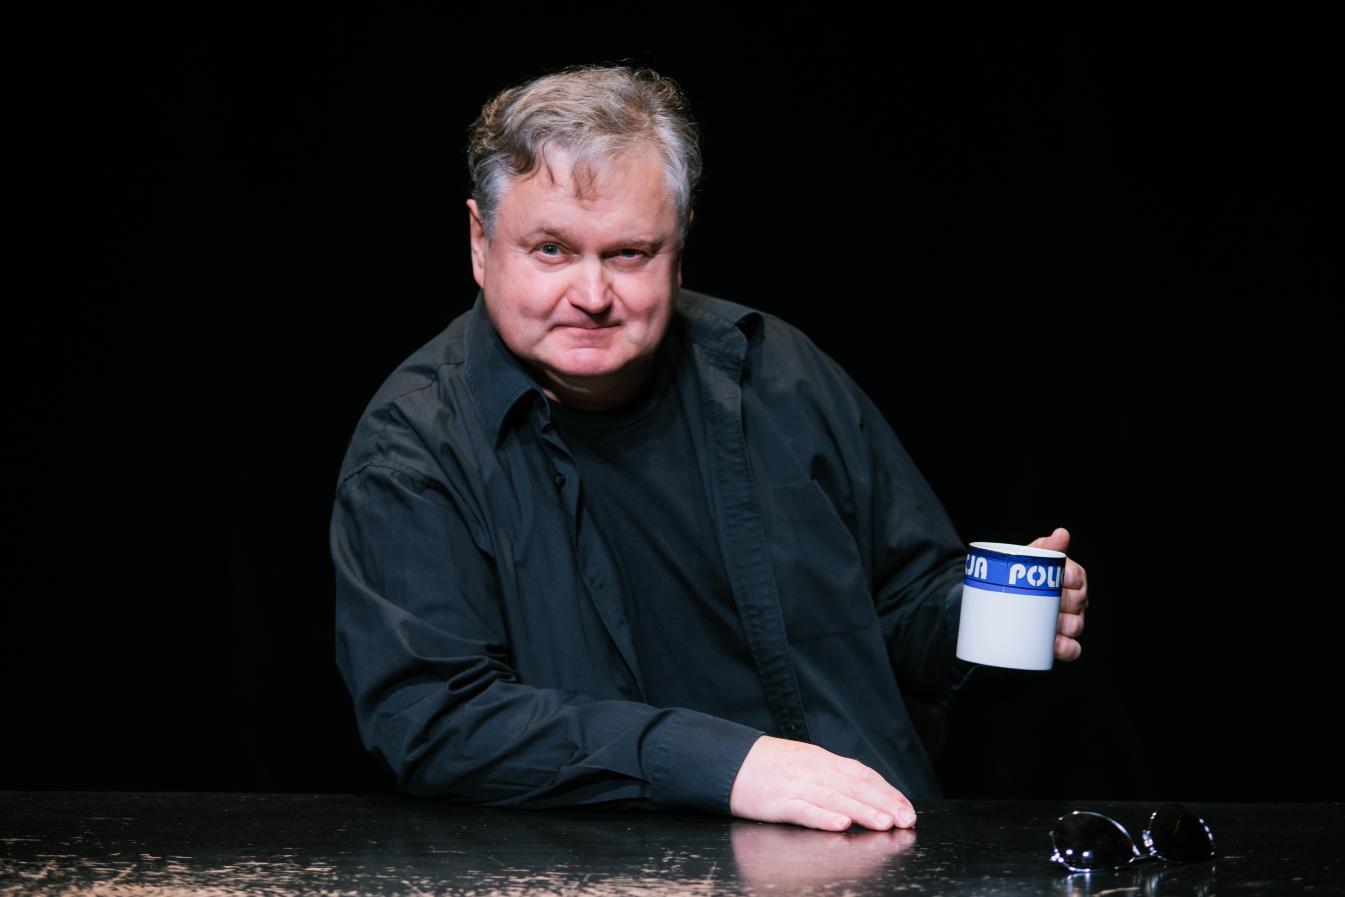 Mężczyzna siedzi przy stole i trzyma w ręku kubek